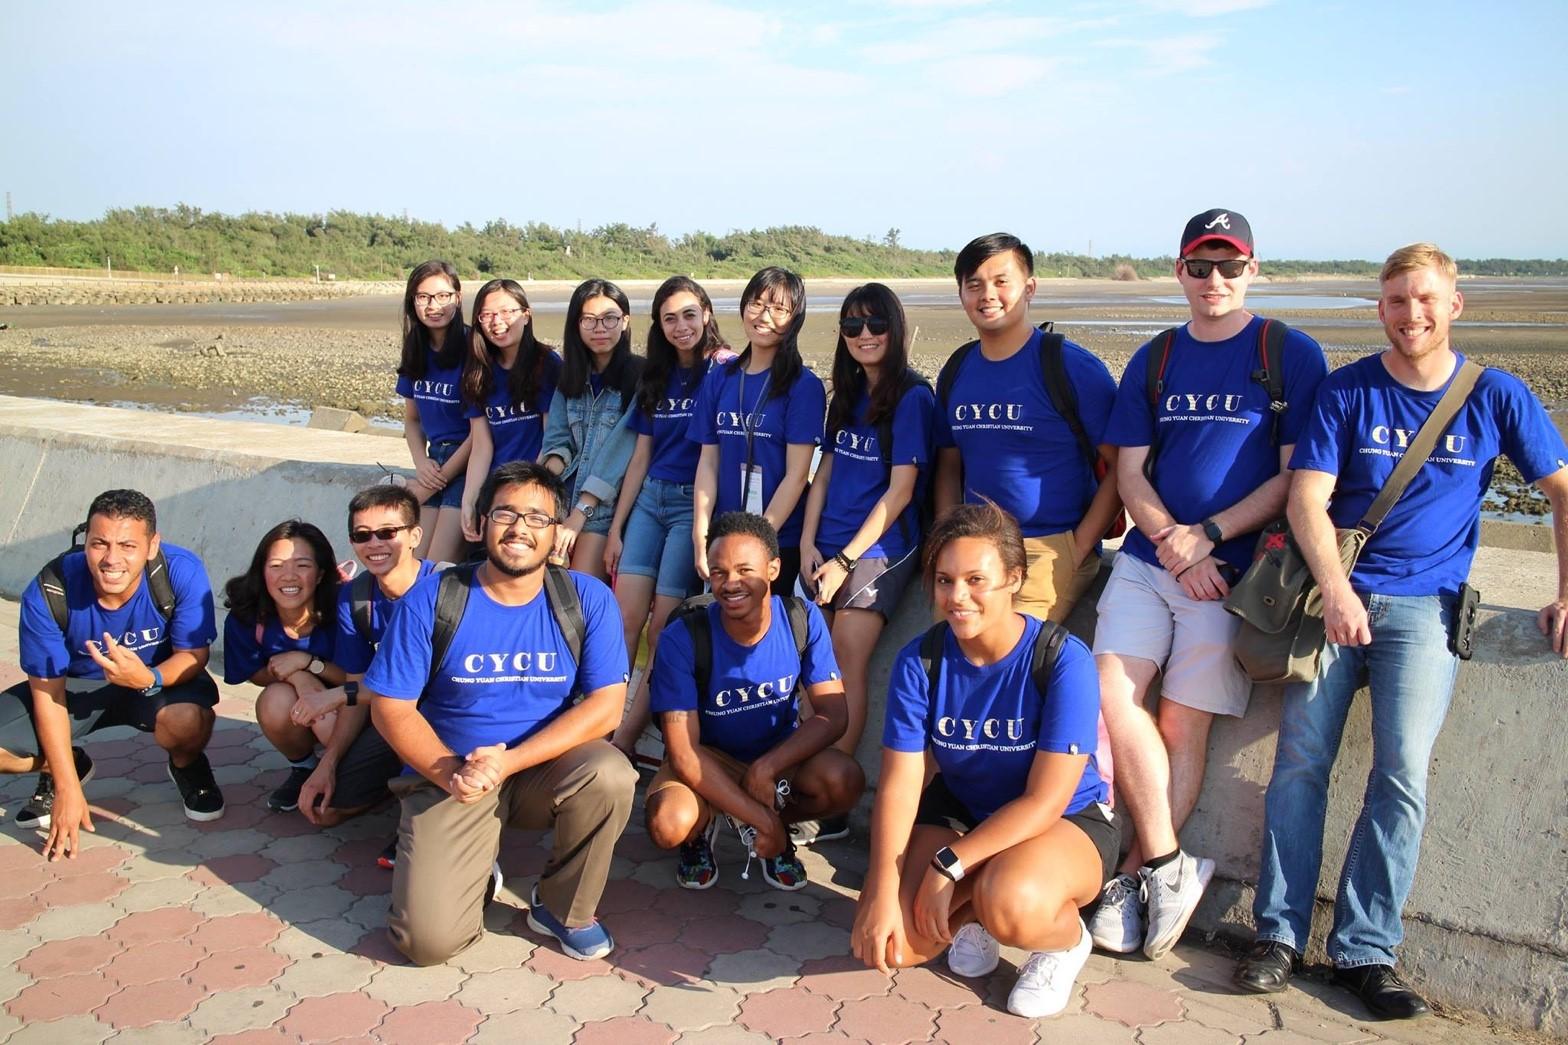 中原大學創新創業國際營隊  帶領學子迎向國際開拓未來